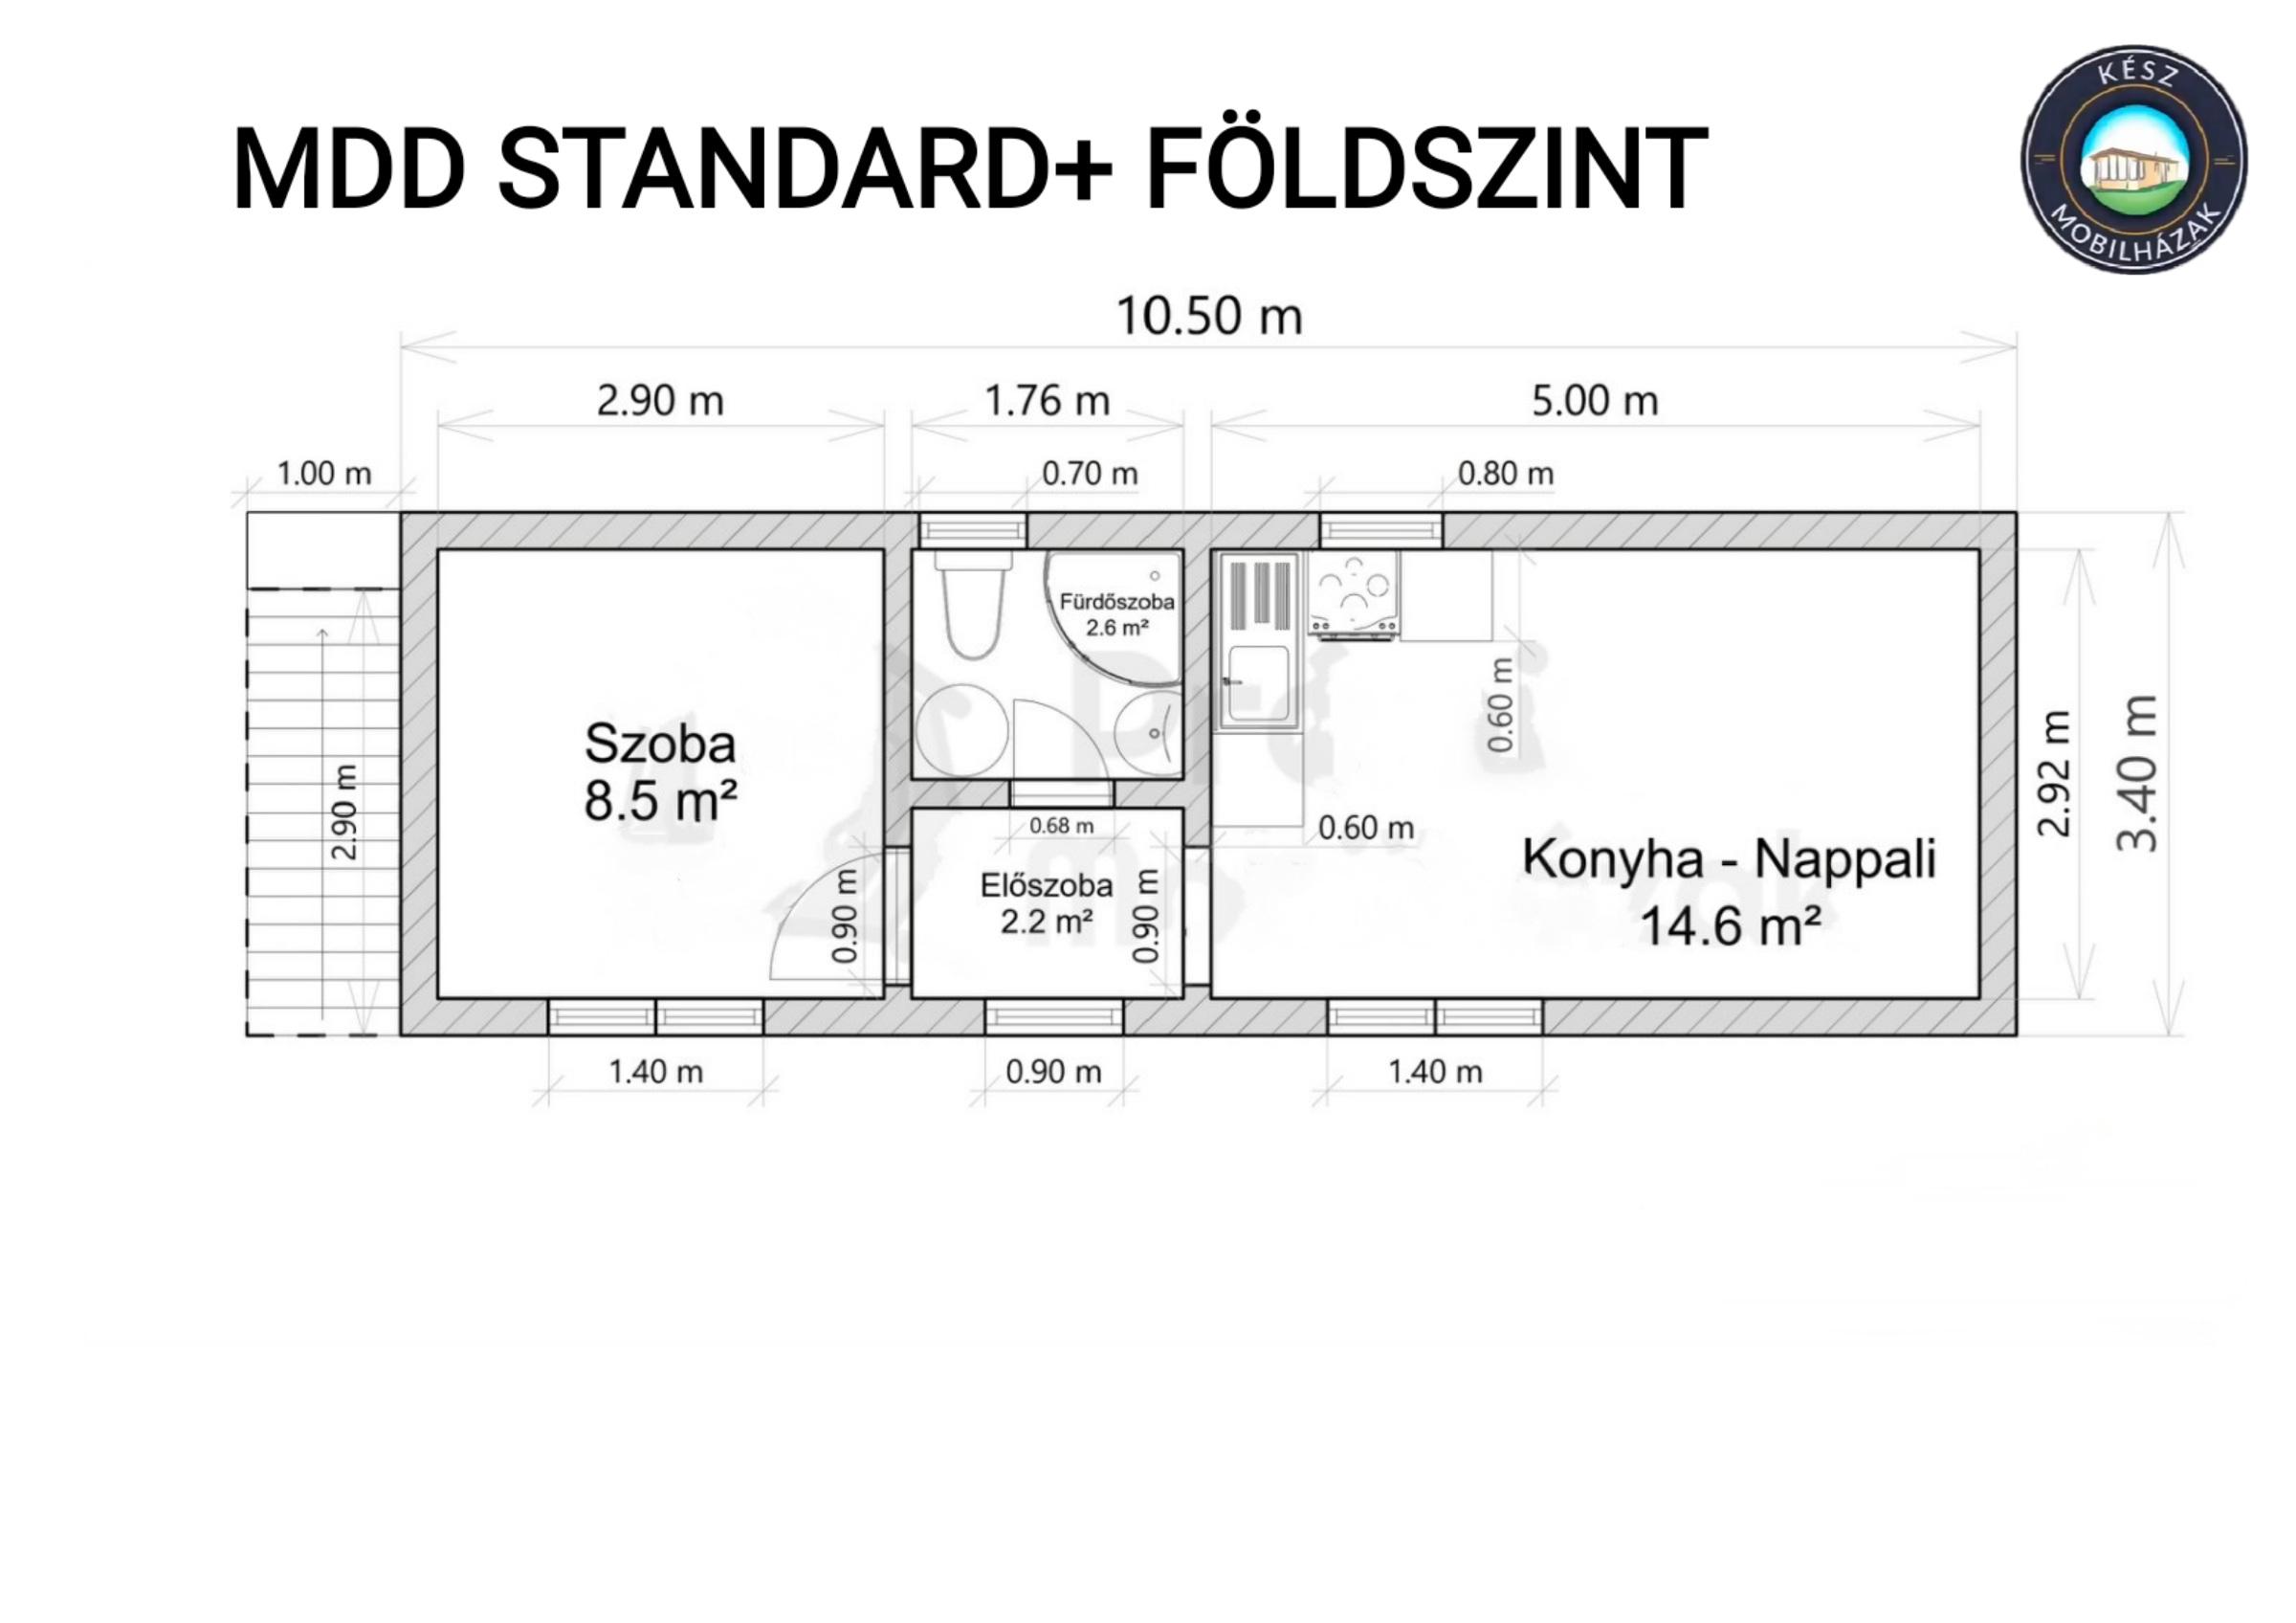 MDD50 STANDARD+ FÖLDSZINT